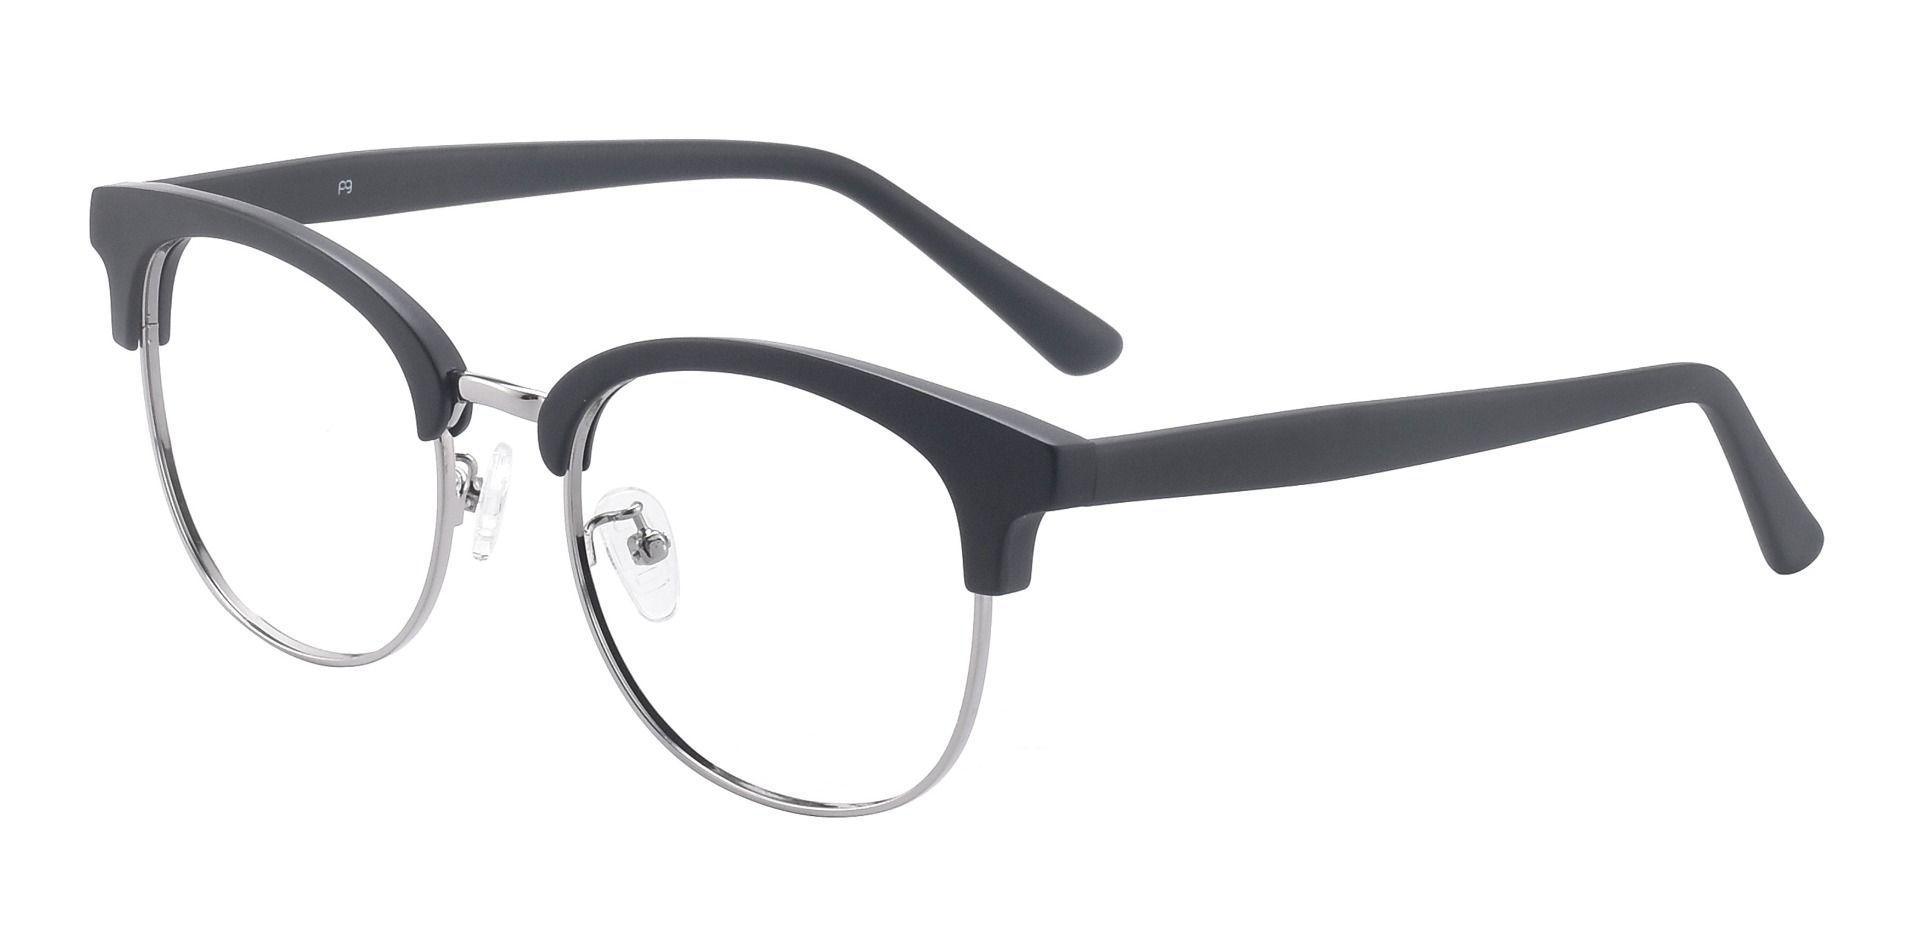 Romero Browline Prescription Glasses - Black